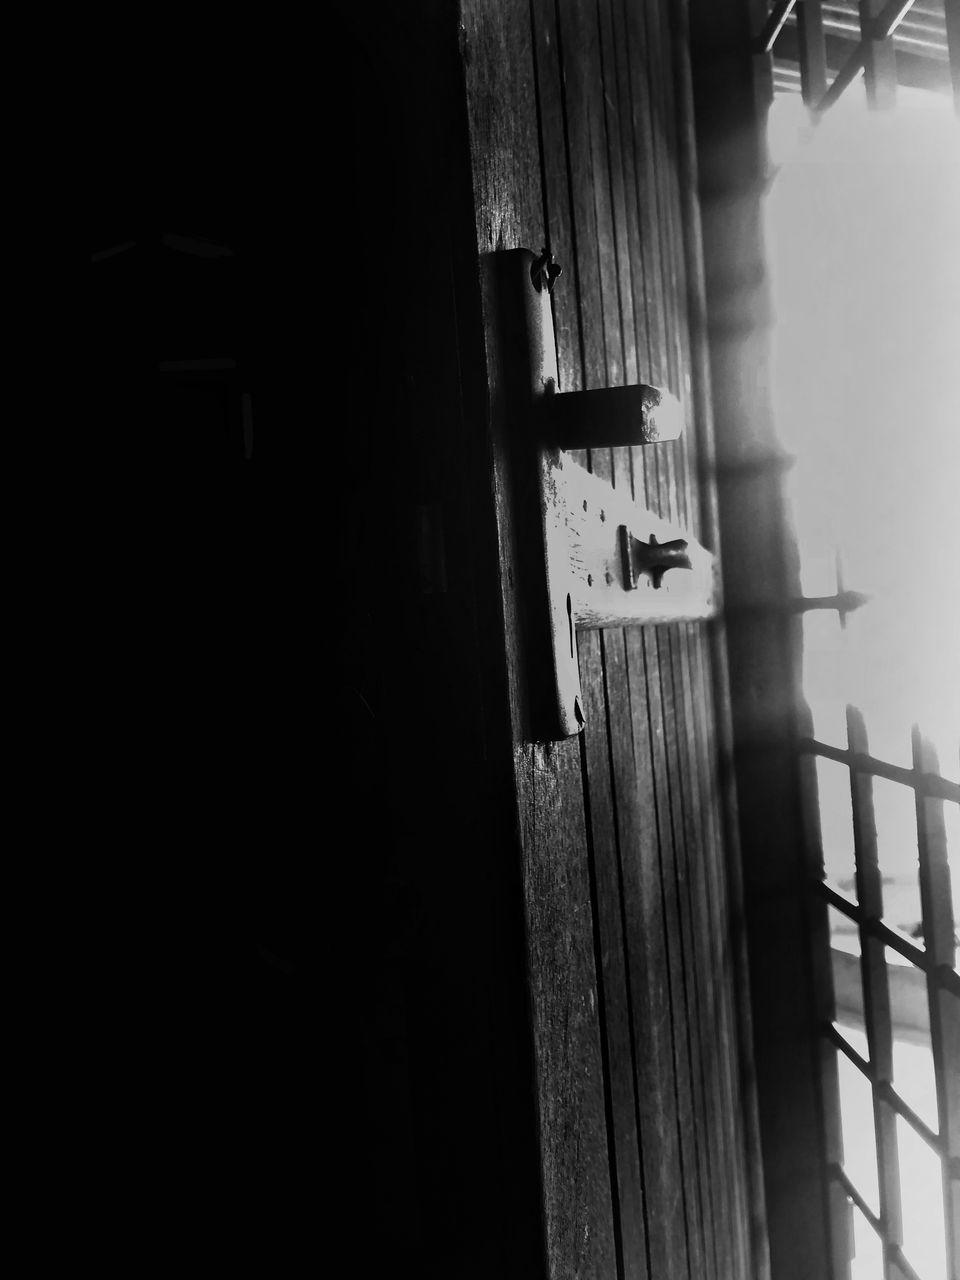 CLOSE-UP OF WOODEN DOOR BUILDING